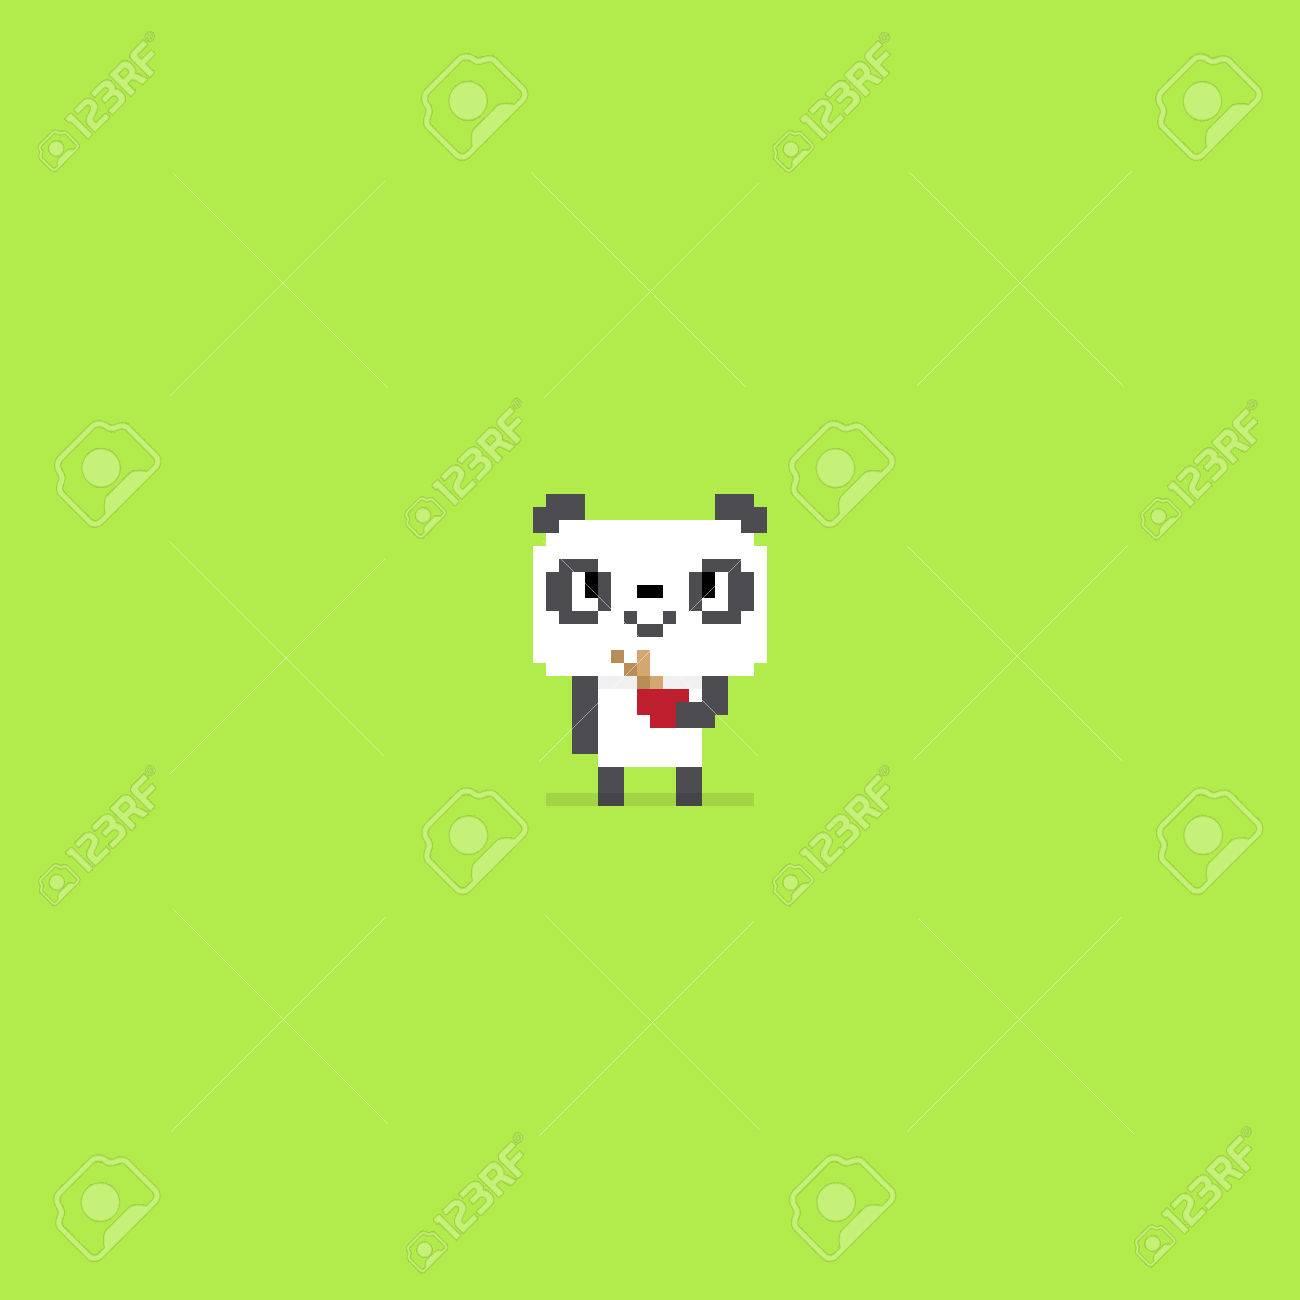 Pixel Art Panda Souriant Et Tenant Un Bol Avec Des Bâtons De Bambou Dedans Isolé Sur Fond Vert